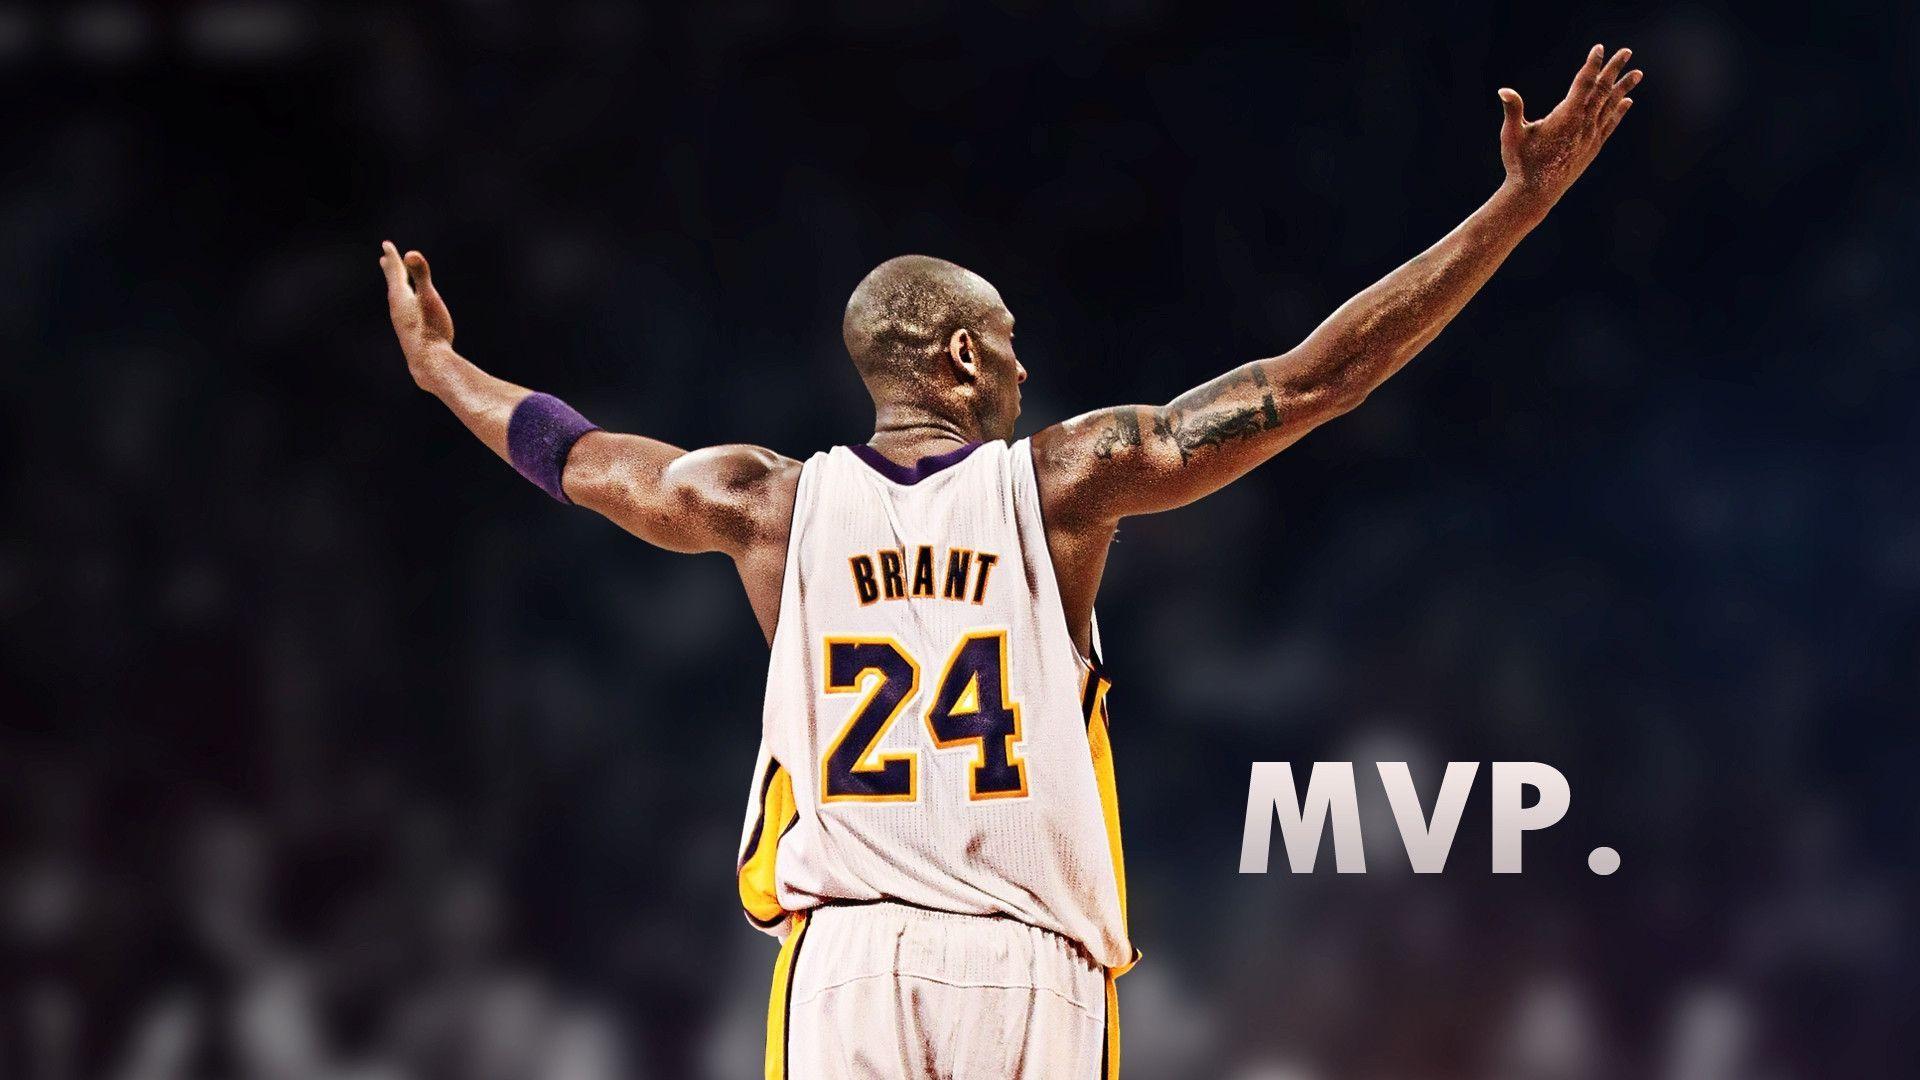 NBA Wallpapers Photo HD Descargar Kobe Bryant Wallpaper 1920x1080